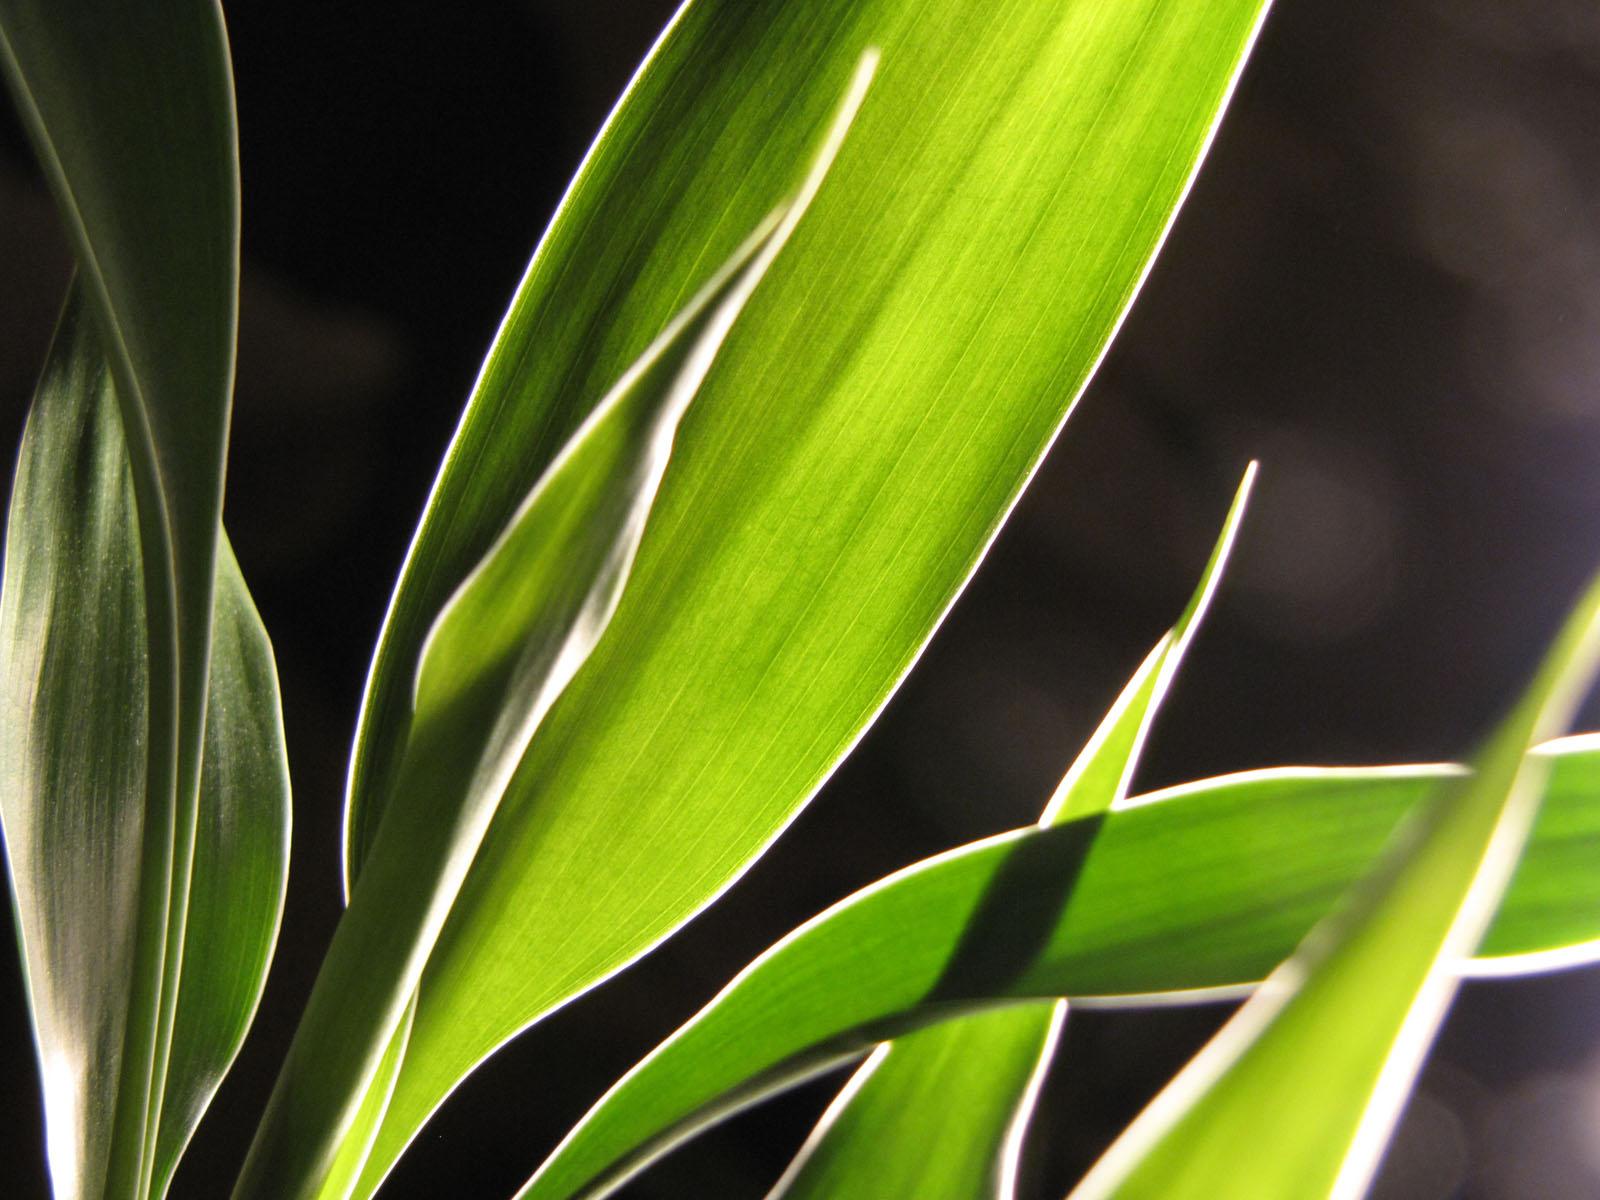 Another bamboo closeup